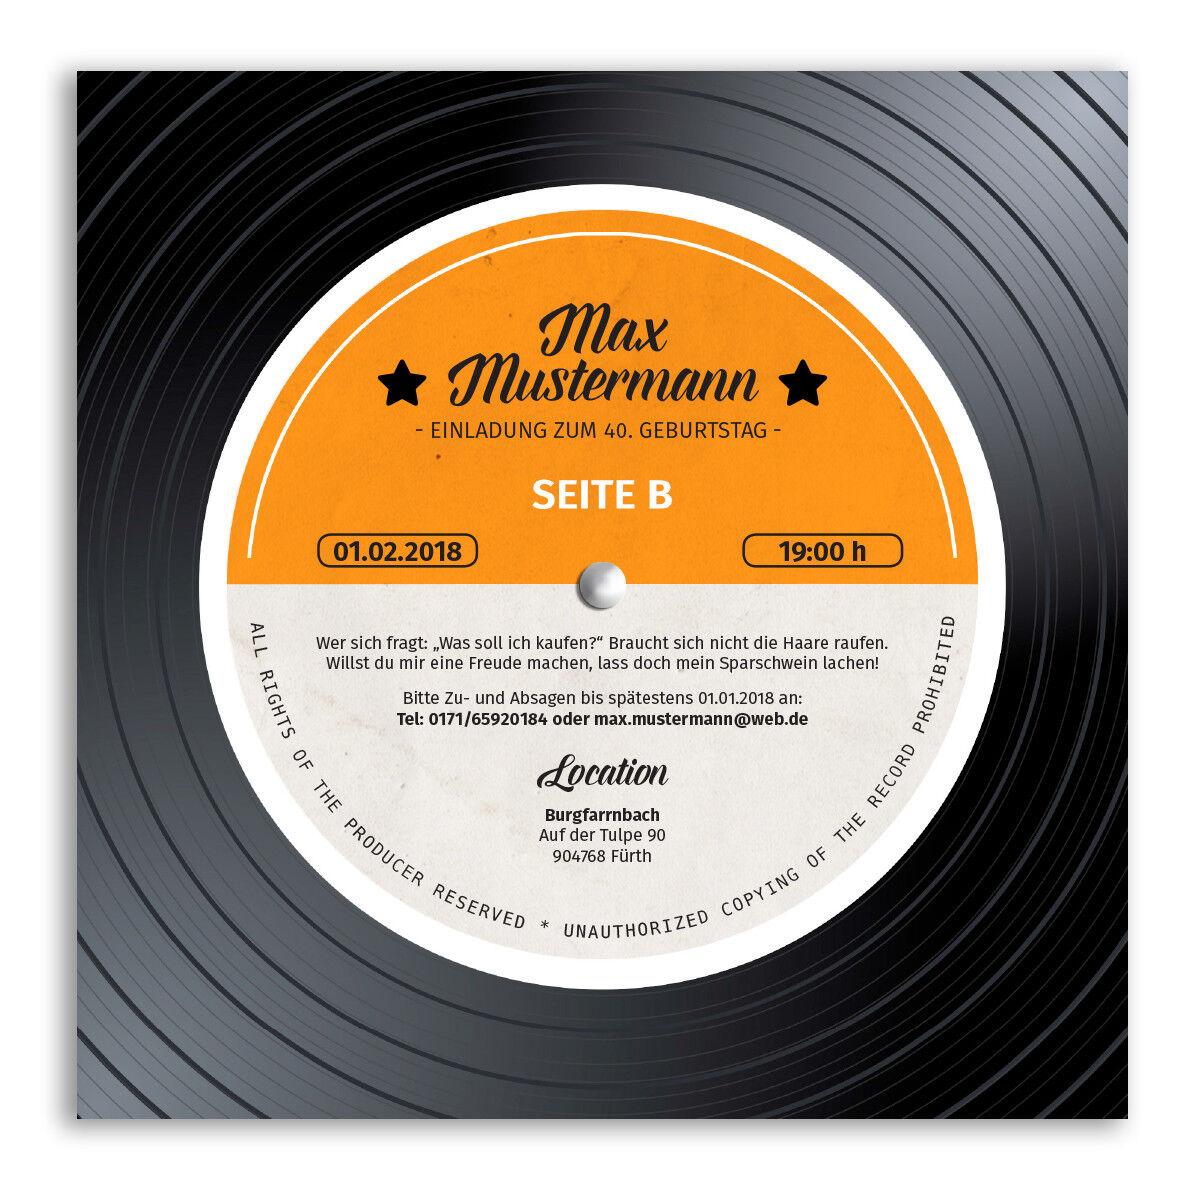 Einladungen zum Geburtstag als Schallplatte Musik Scheibe Vinyl LP CD